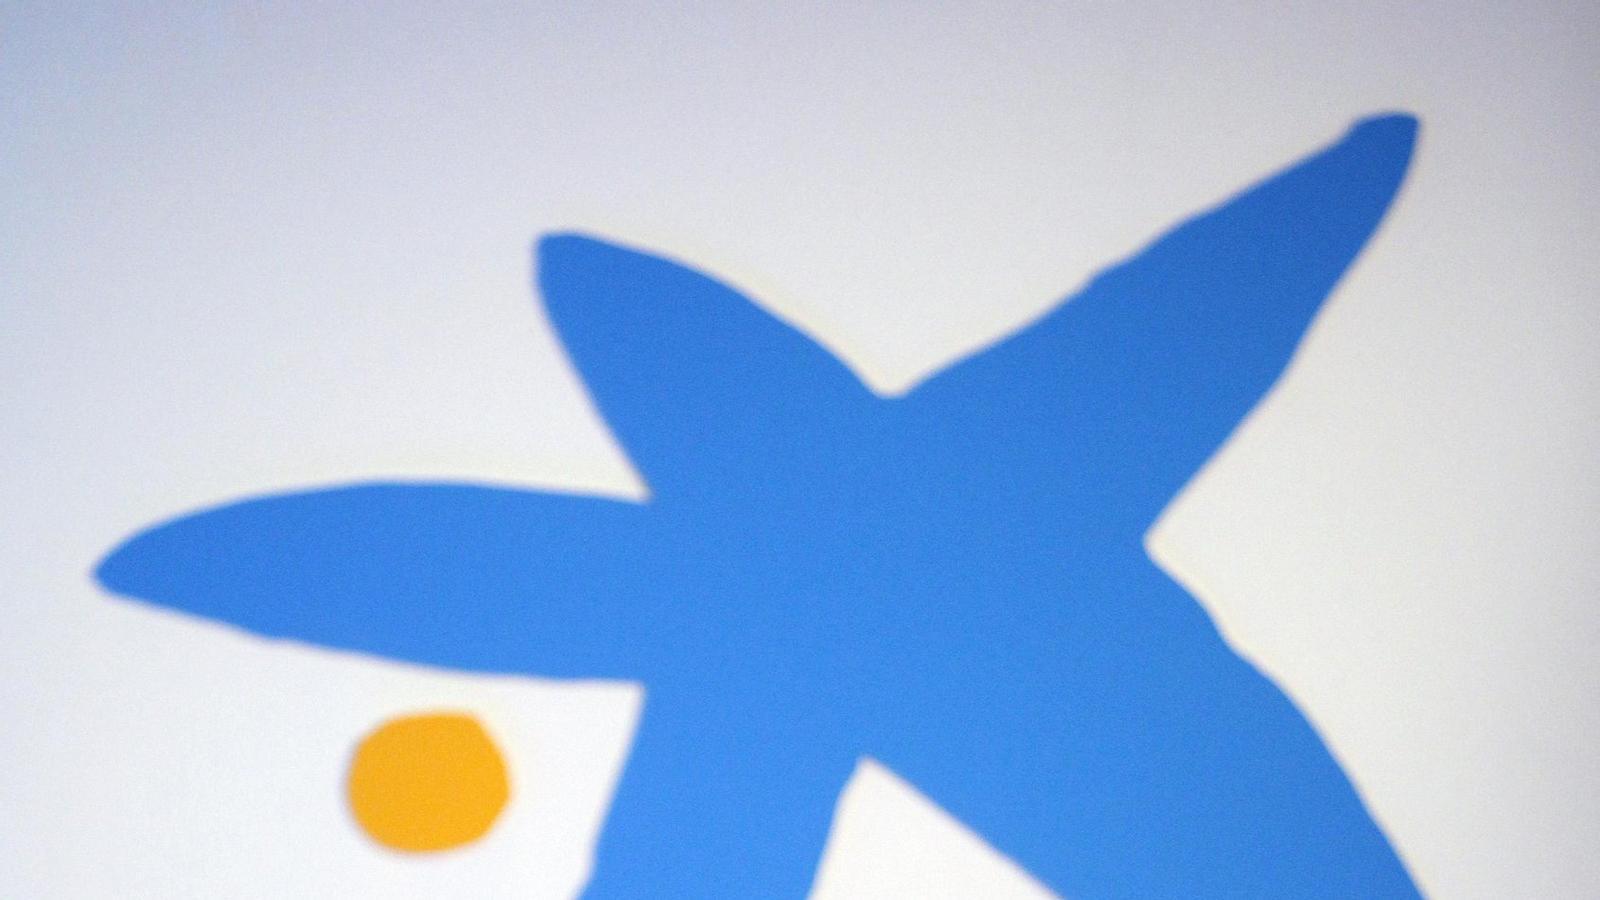 La banca accelera les dotacions per sanejar el totxo toni for Pisos caixabank